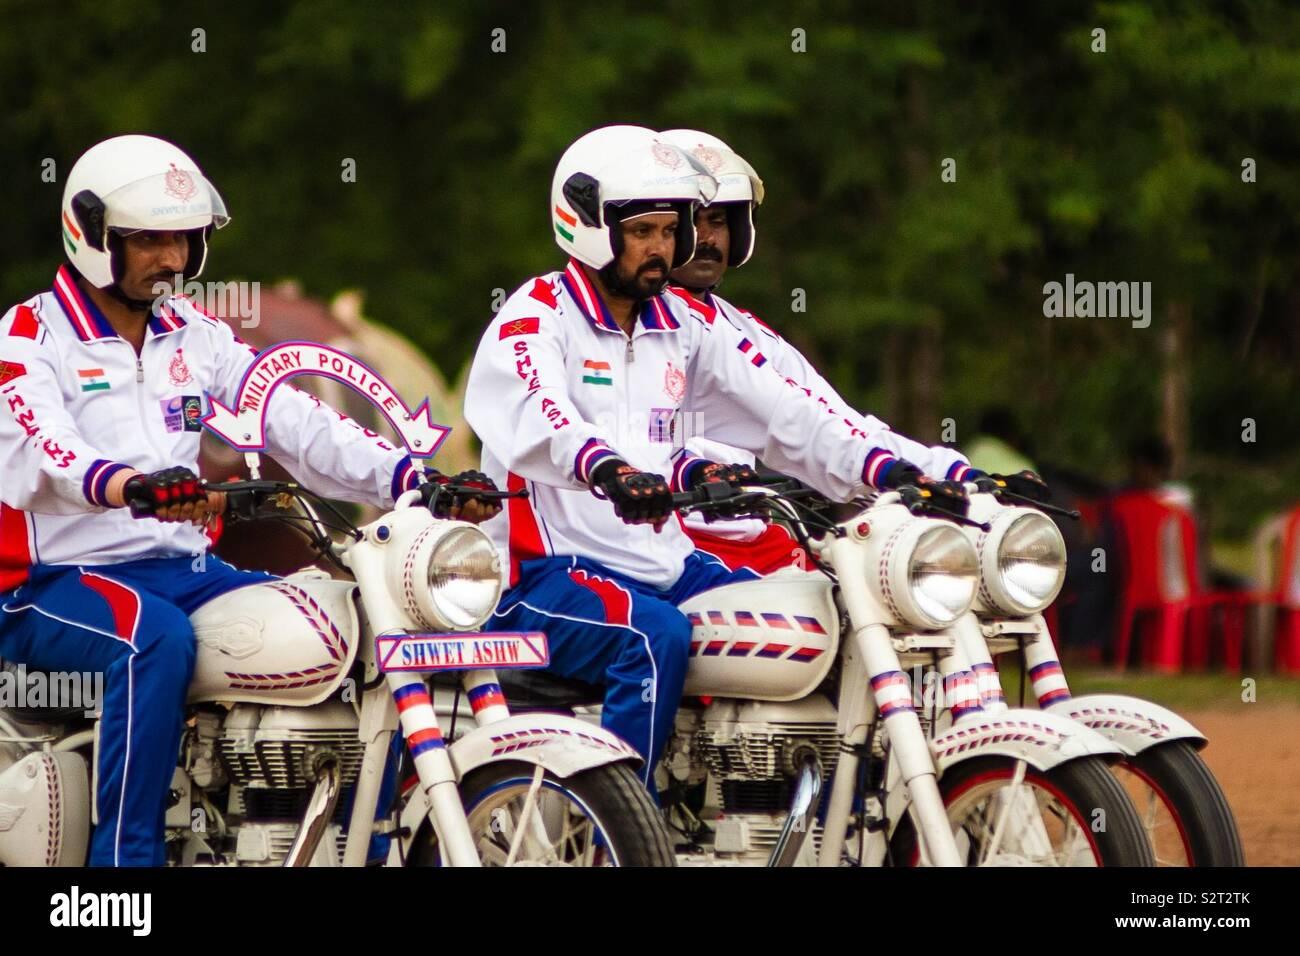 L'affichage à l'École de moto par Kazhakootam Sainik armée indienne Photo Stock